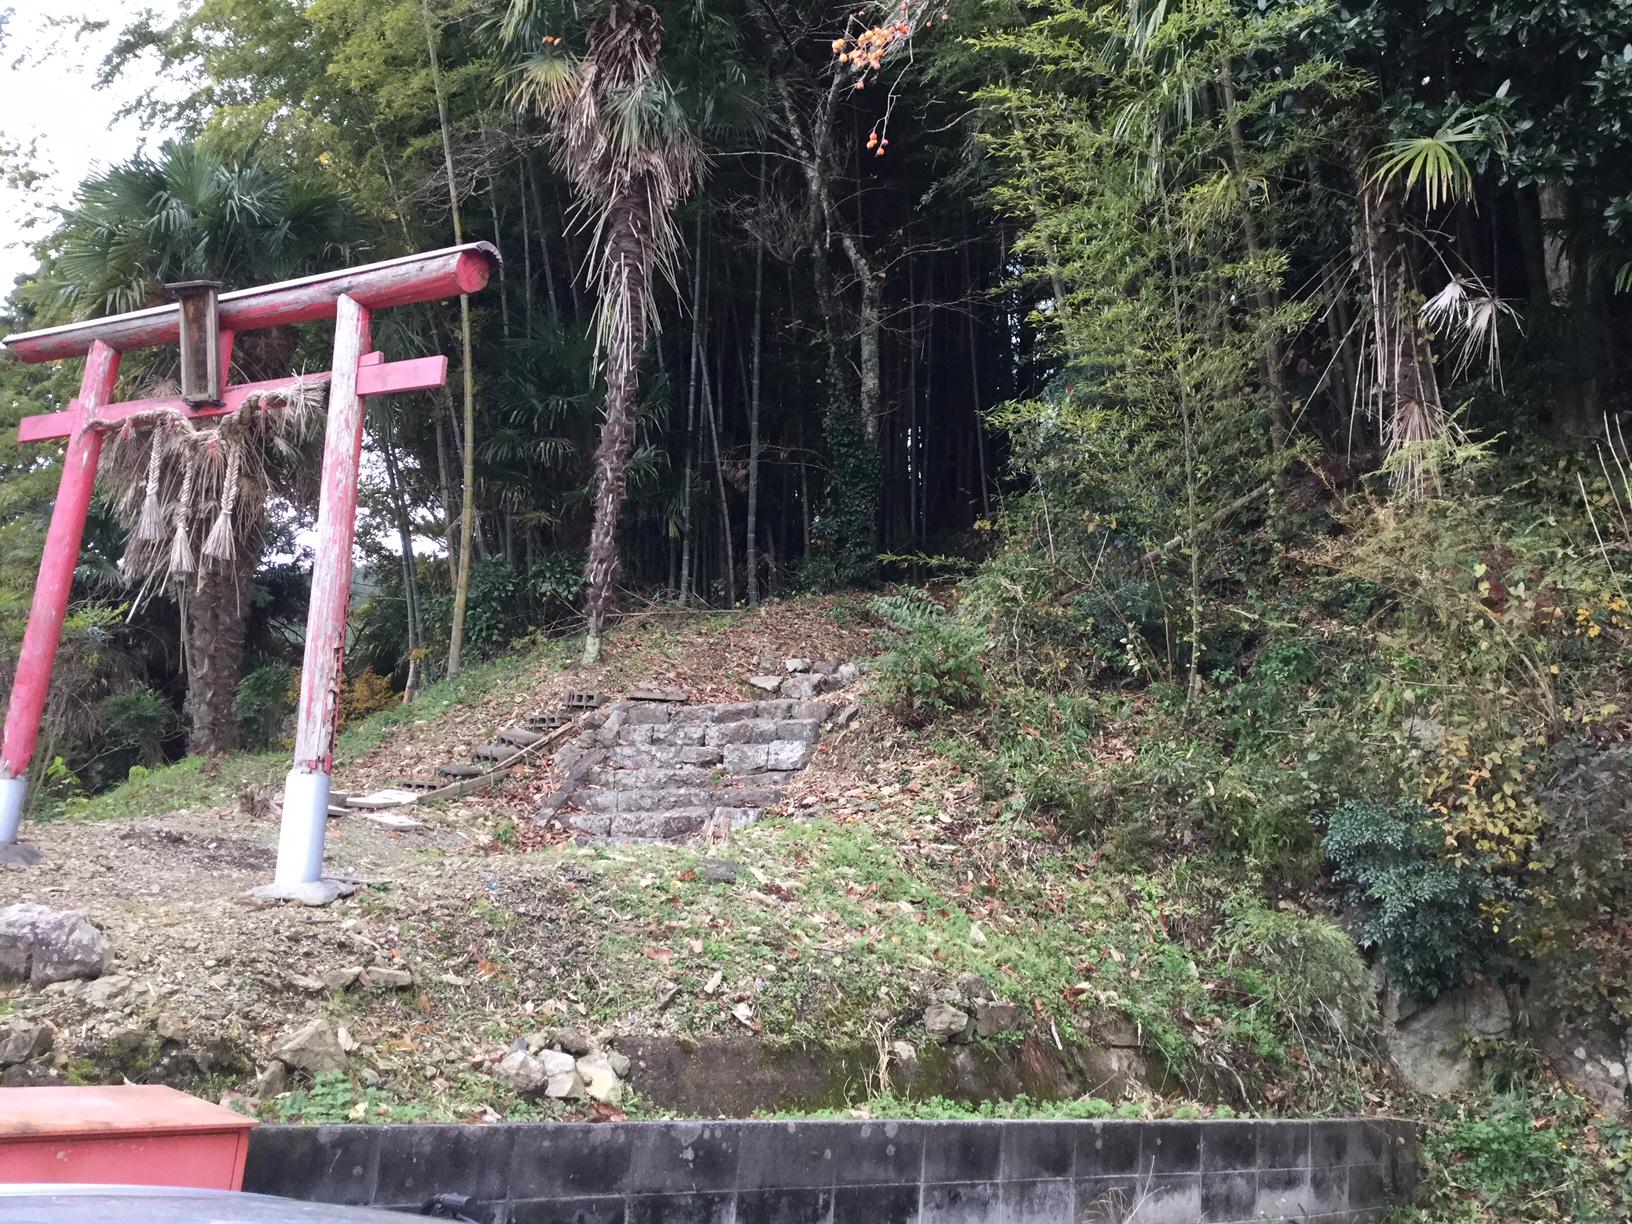 https://www.morita-stone.co.jp/weblog/img/20180109-2.JPG